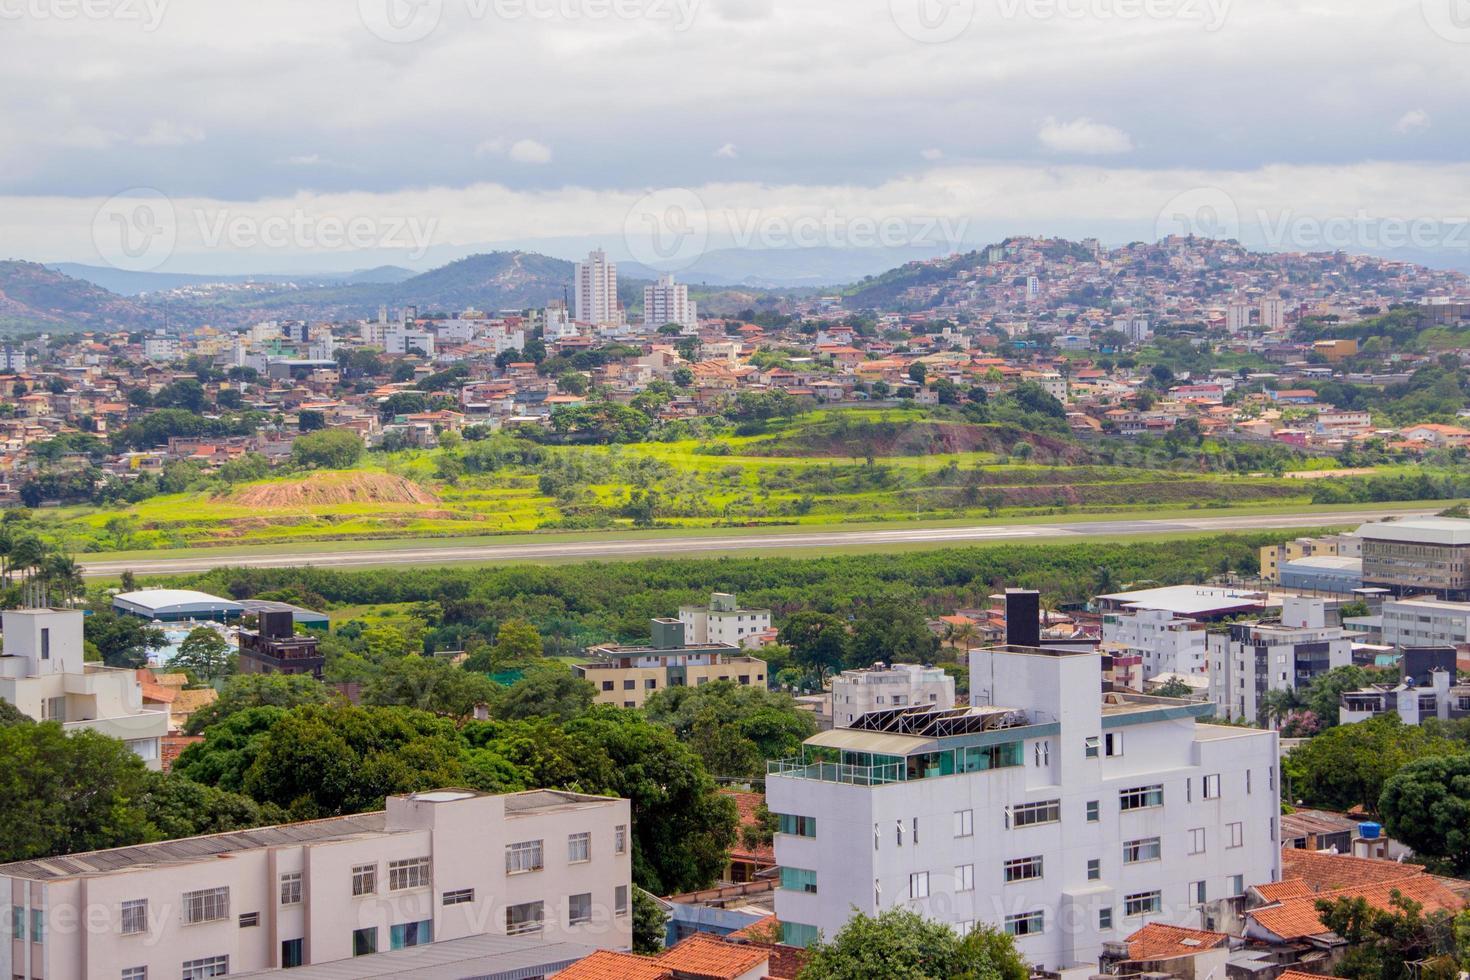 bairro da liberdade em belo horizonte - minas gerais foto